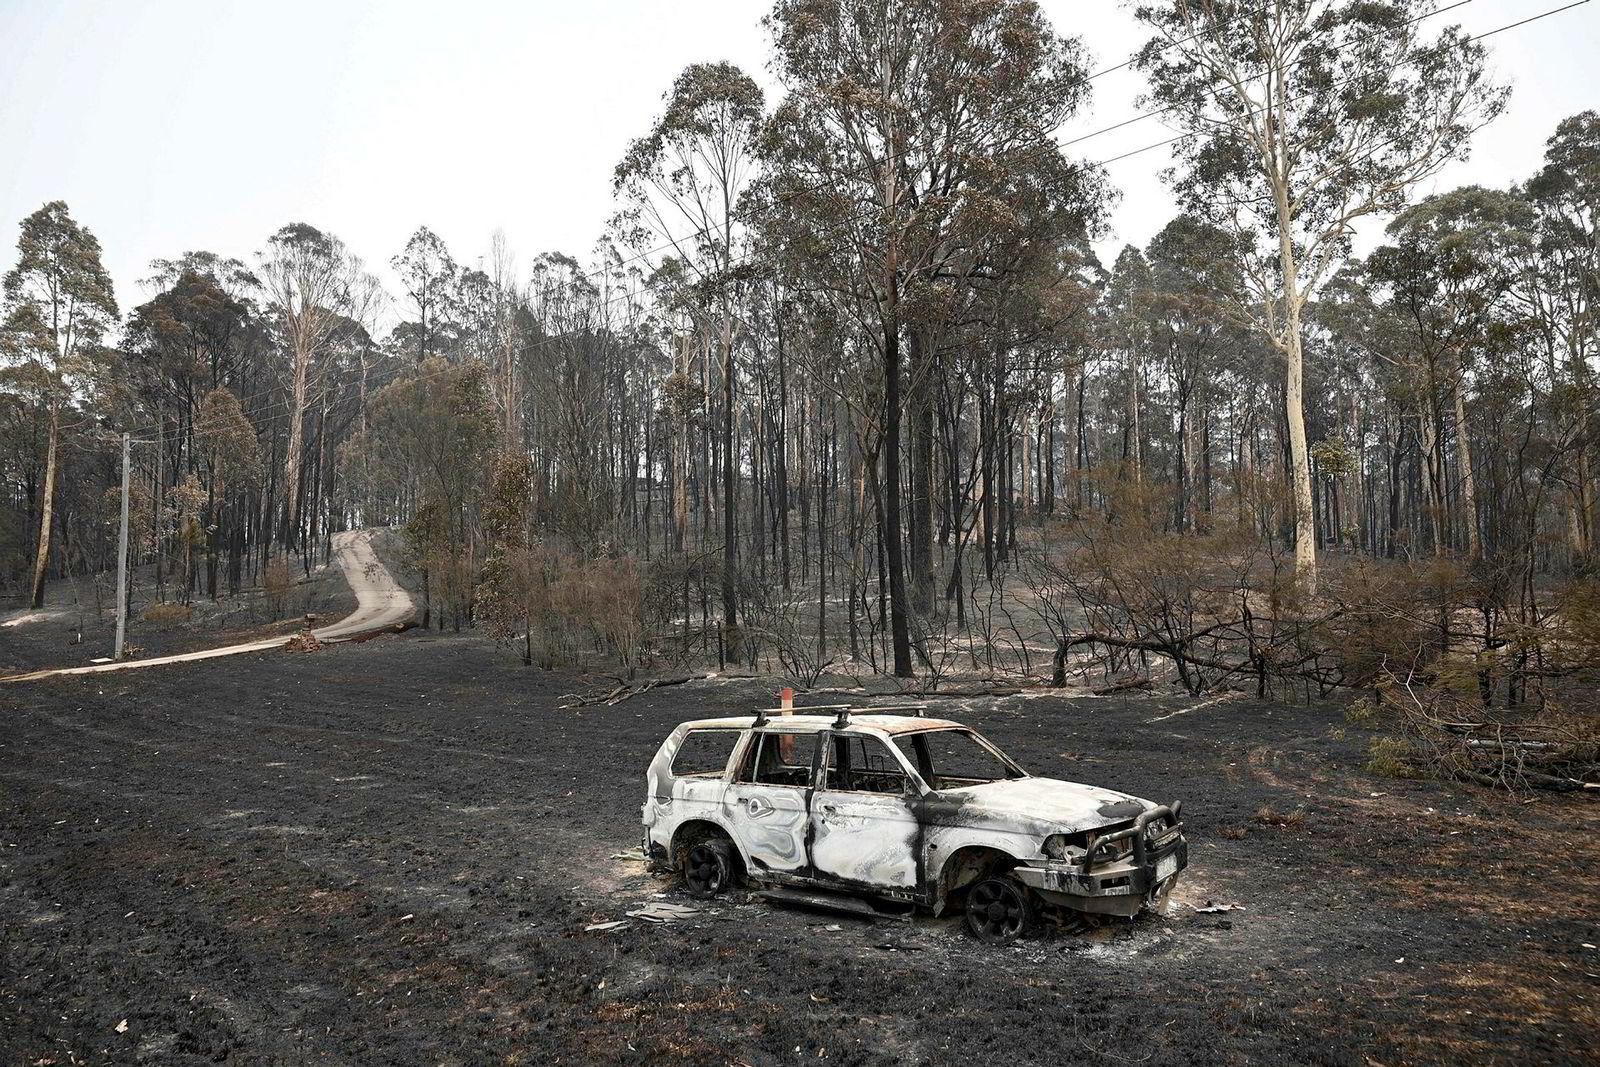 En utbrent bil står igjen på parkeringsplassen ved Batemans Bay i New South Wales. Australia har begynt å flytte ut lokalbefolkningen og startet masseevakuering av turister fra de brannherjede kystområdene. Det er ventet en ny tørr helg som kan starte flere skogbranner.